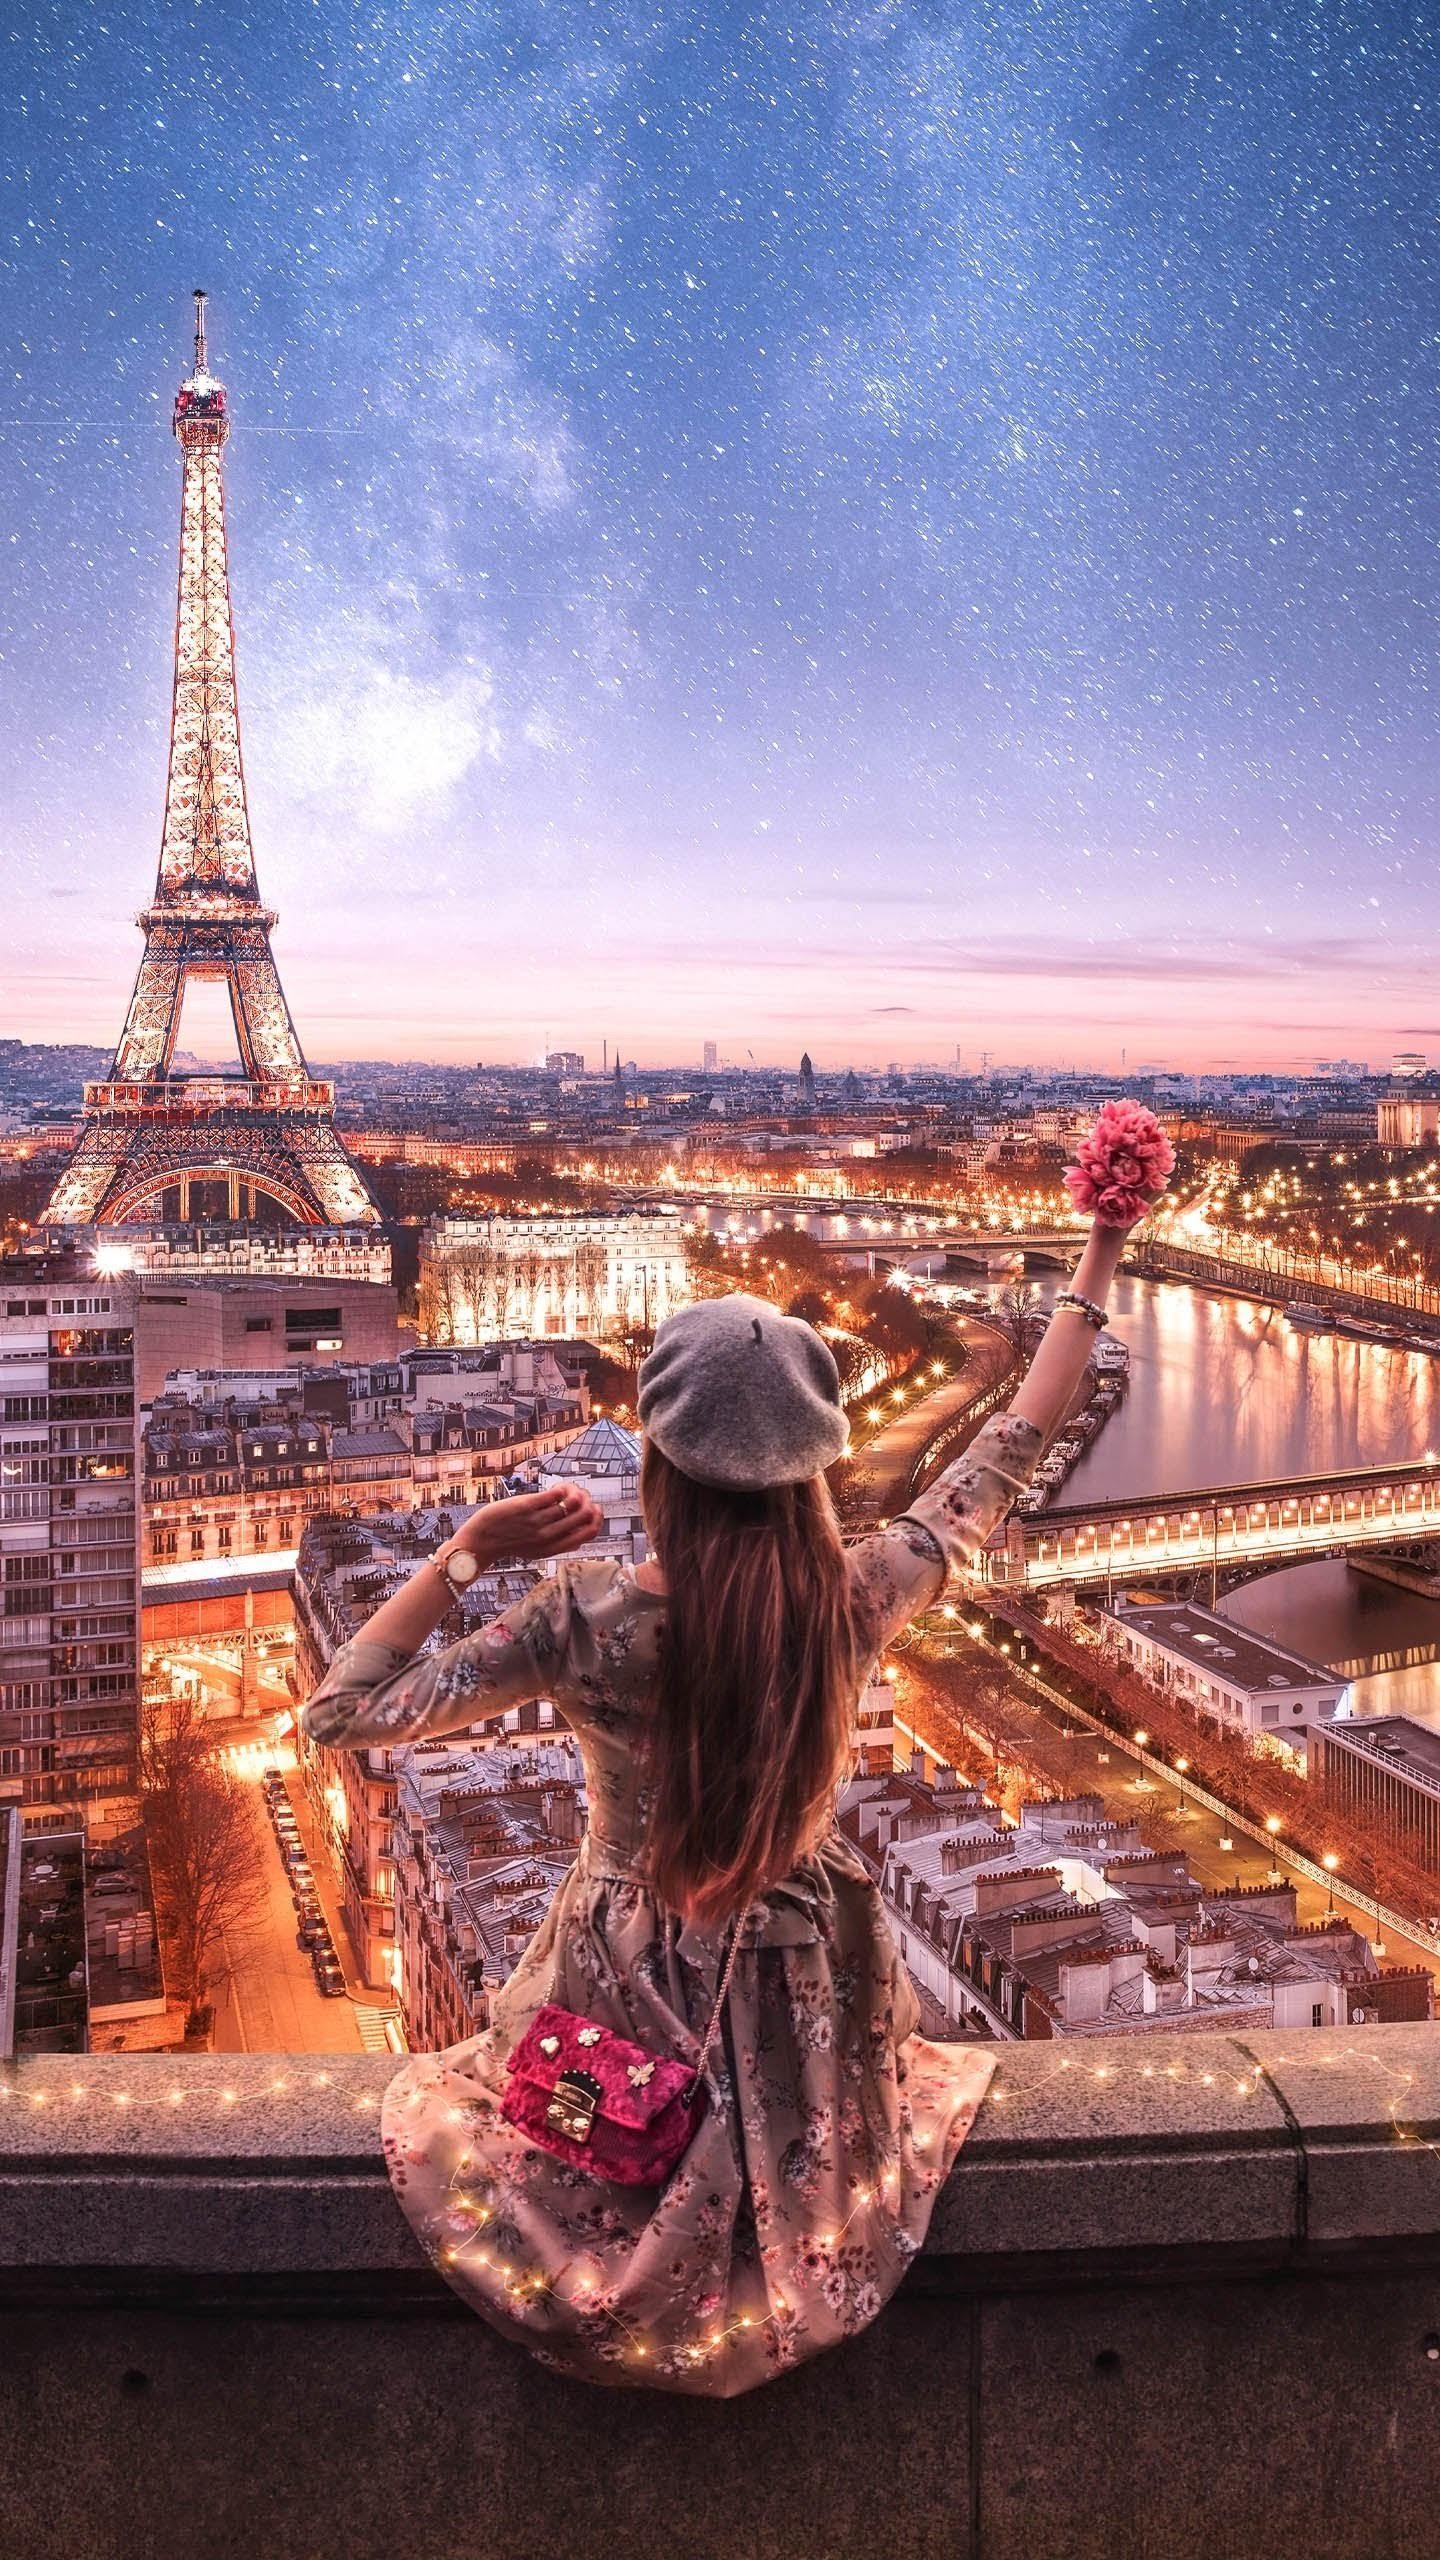 Hình ảnh check on mơ màng như công chúa quanh tháp Eiffel